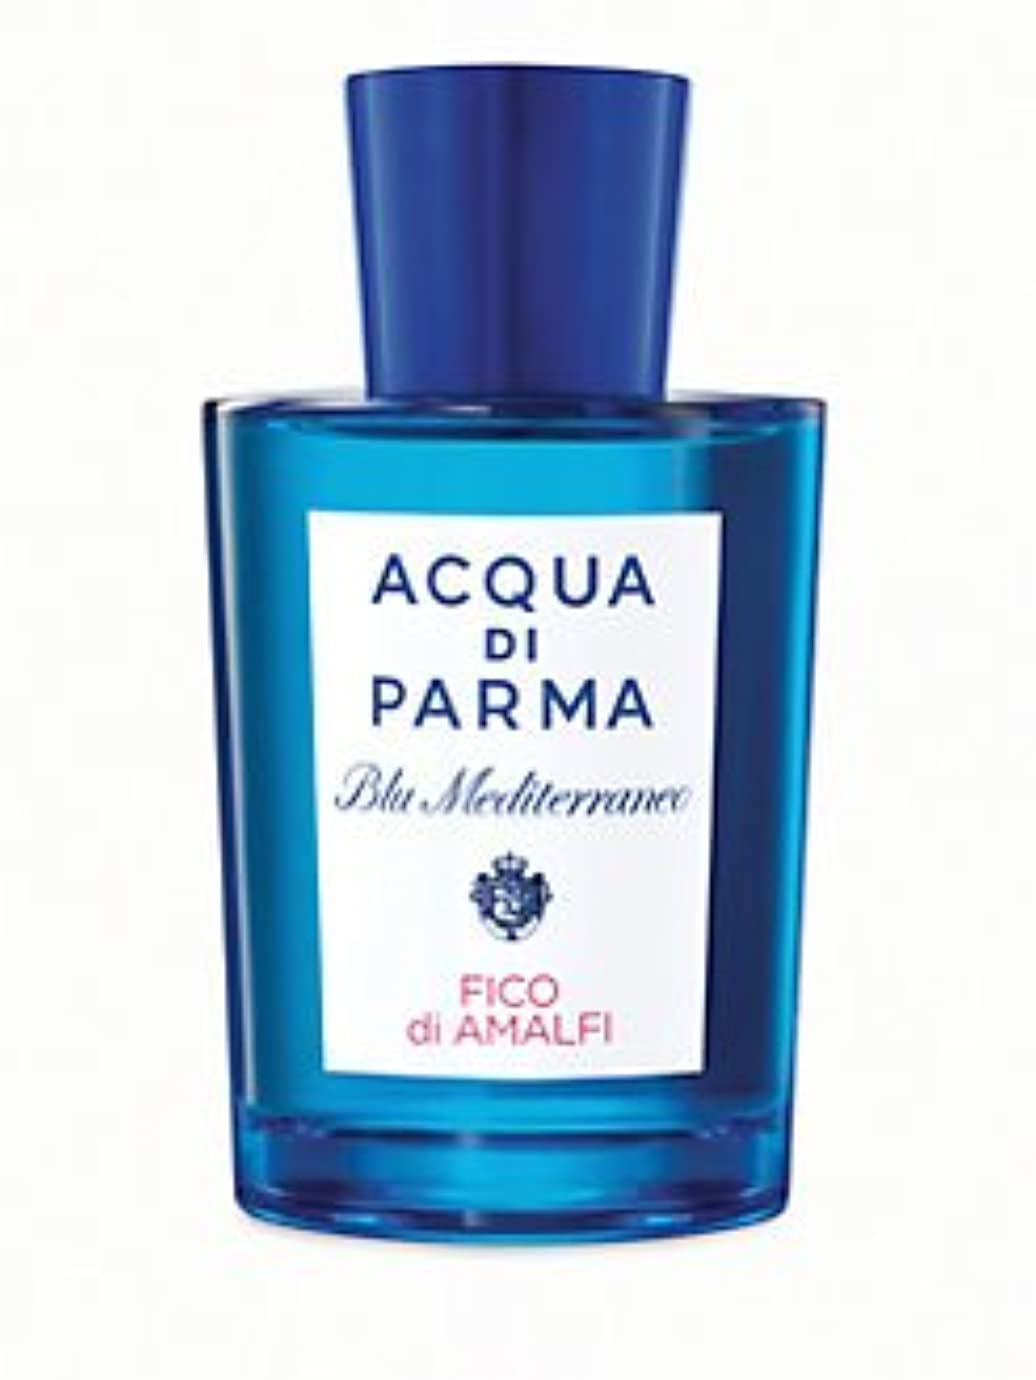 立方体端怒るBlu Mediterraneo Fico di Amalfi (ブルー メディタレーネオ フィコ ディ アマルフィ) 6.9 oz (200ml) Vitalizing Body Cream by Acqua di Parma